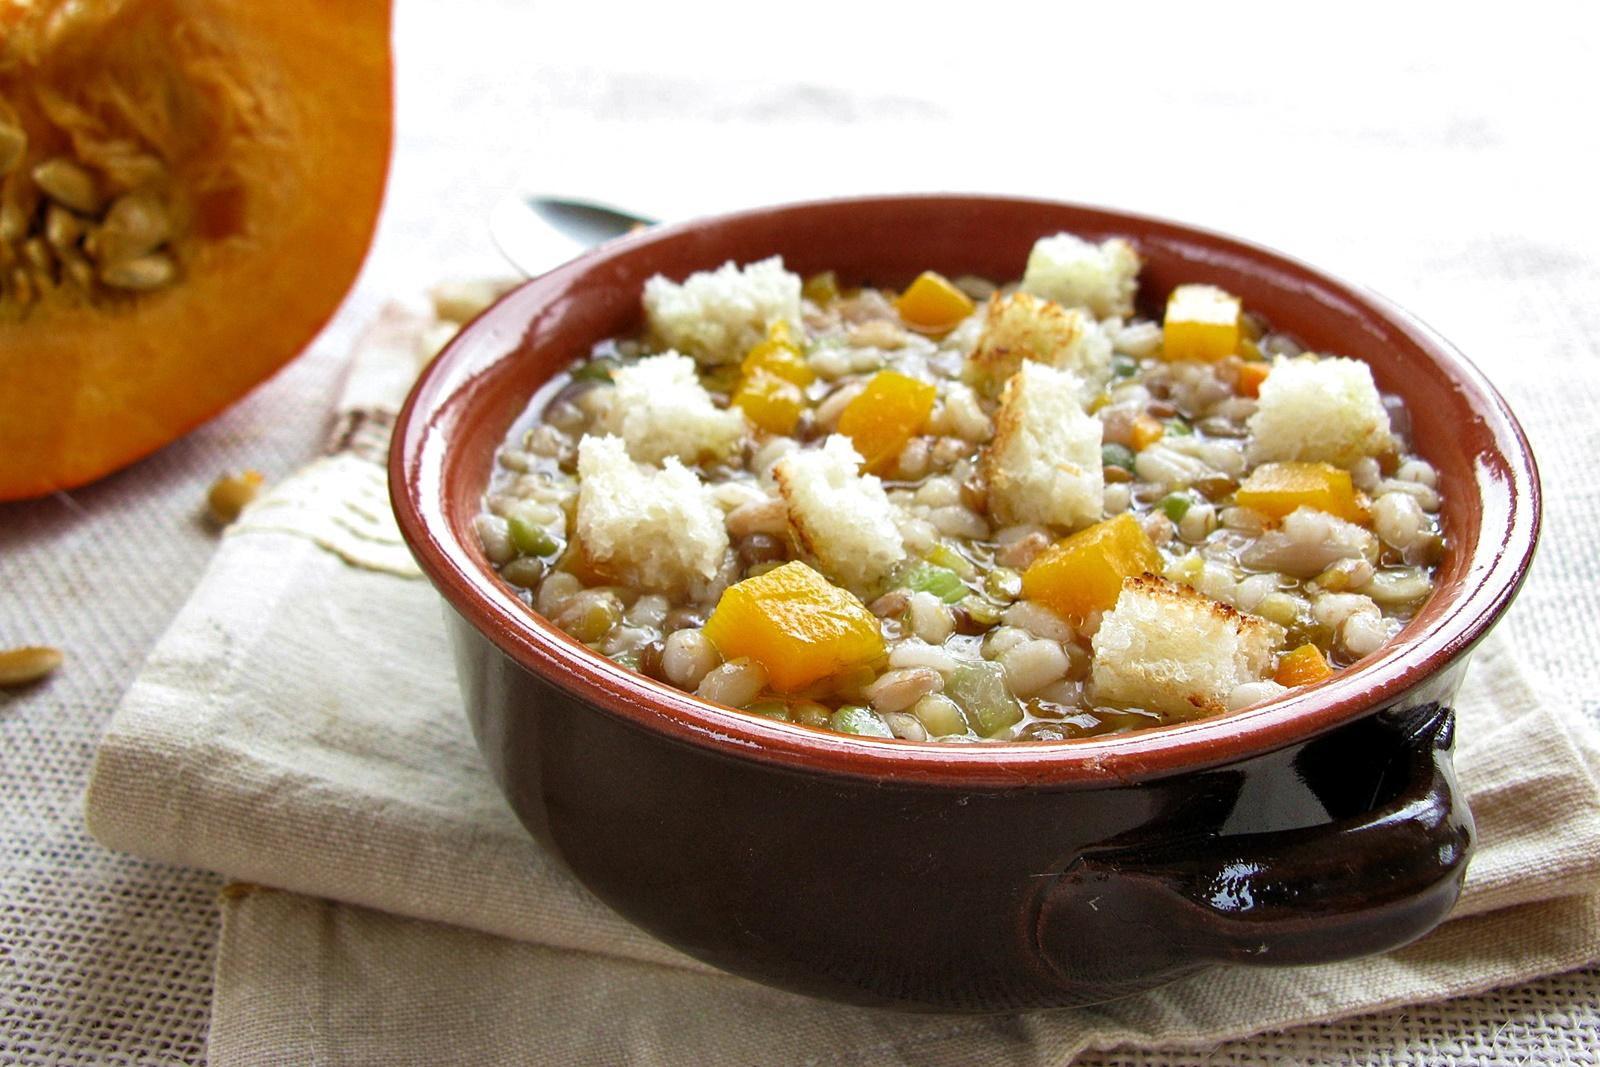 zuppa di legumi e cereali con zucca e crostini piccanti-zuppe